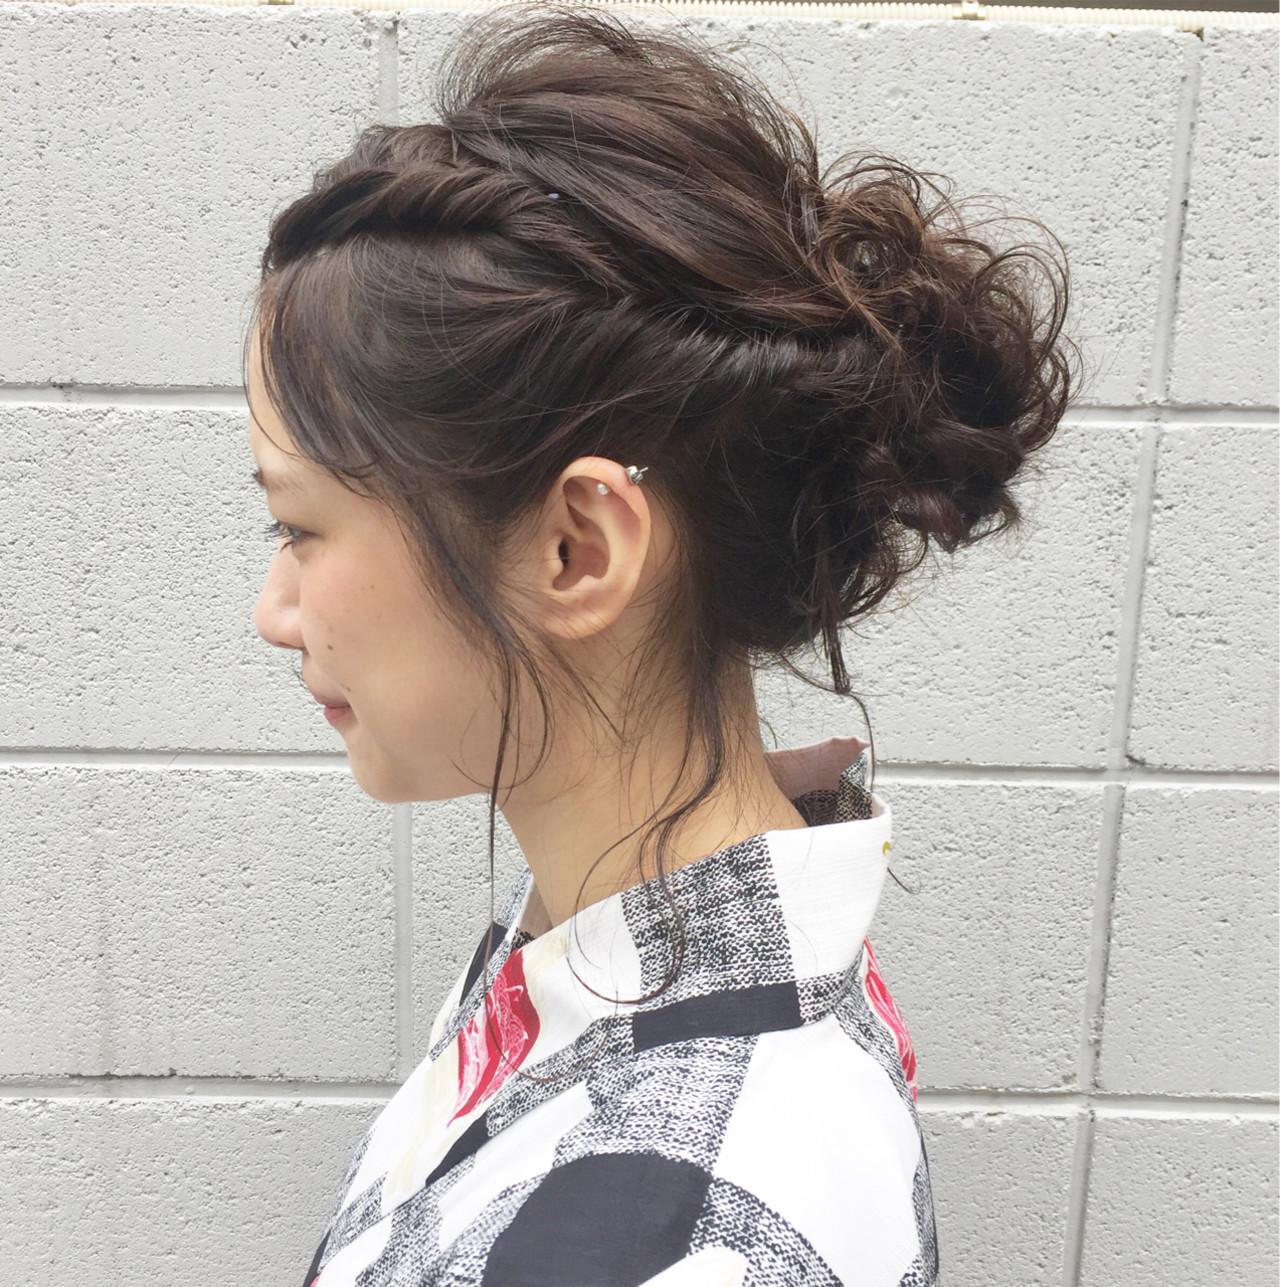 ミディアム 花火大会 ヘアアレンジ ナチュラル ヘアスタイルや髪型の写真・画像